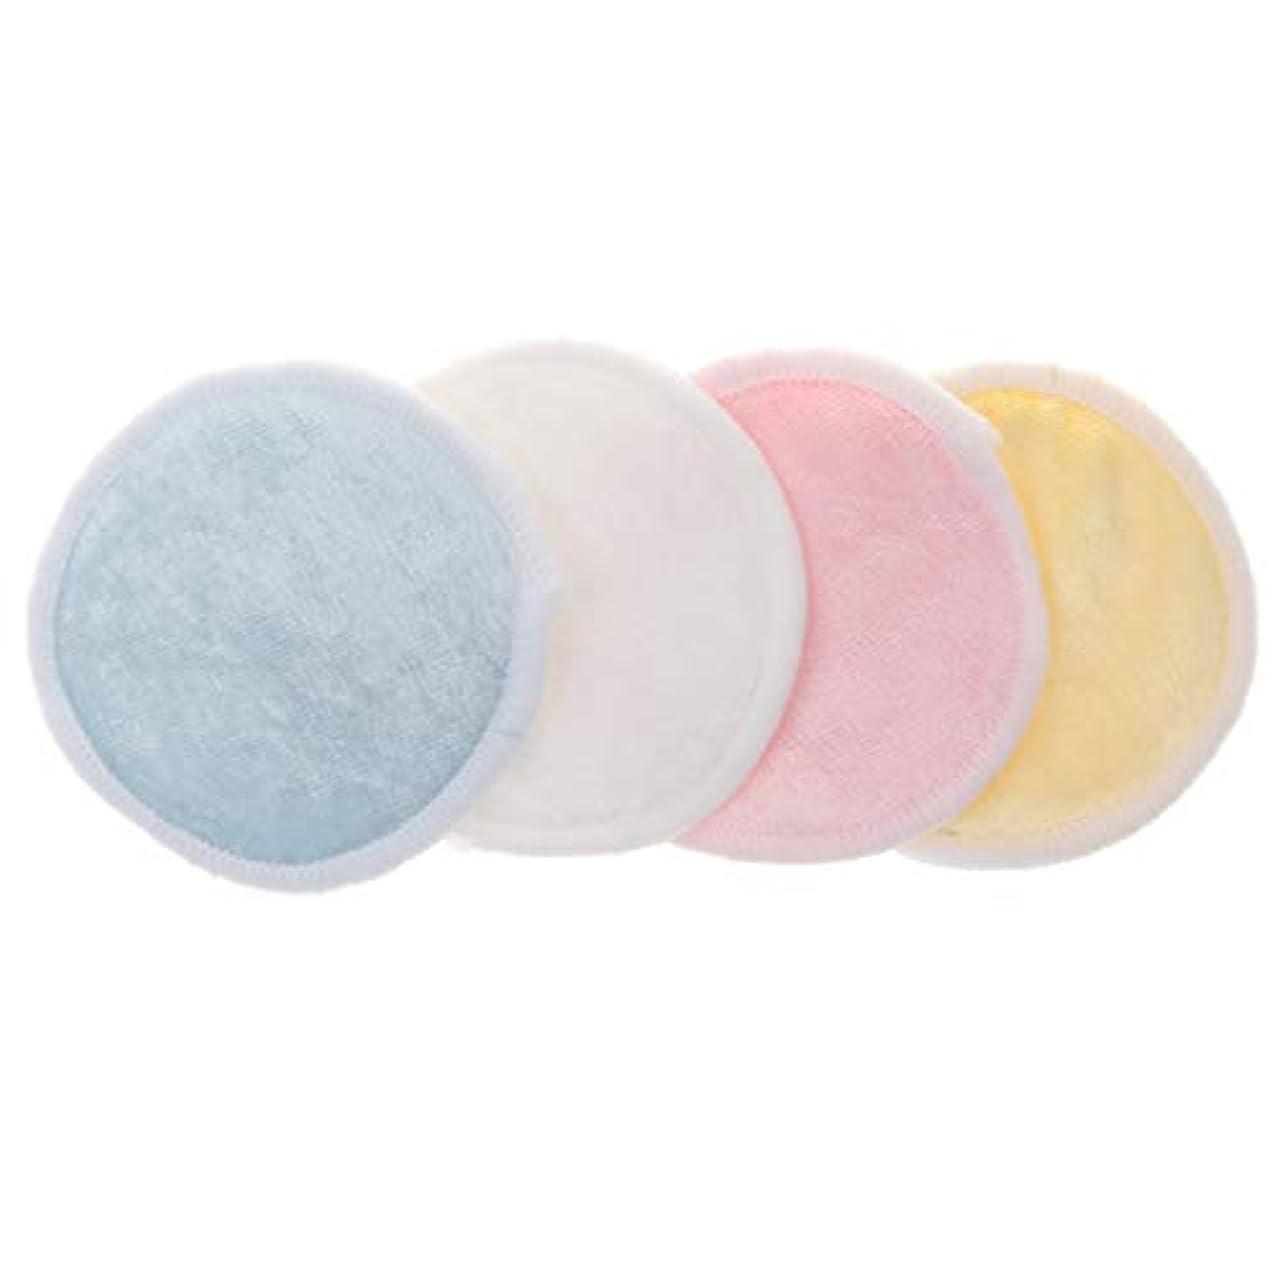 奇跡的な気球セッティングKESOTO 4個 メイク落としコットン クレンジングシート 化粧水パッド 再使用可能 バッグ付 実用的 全2サイズ - S